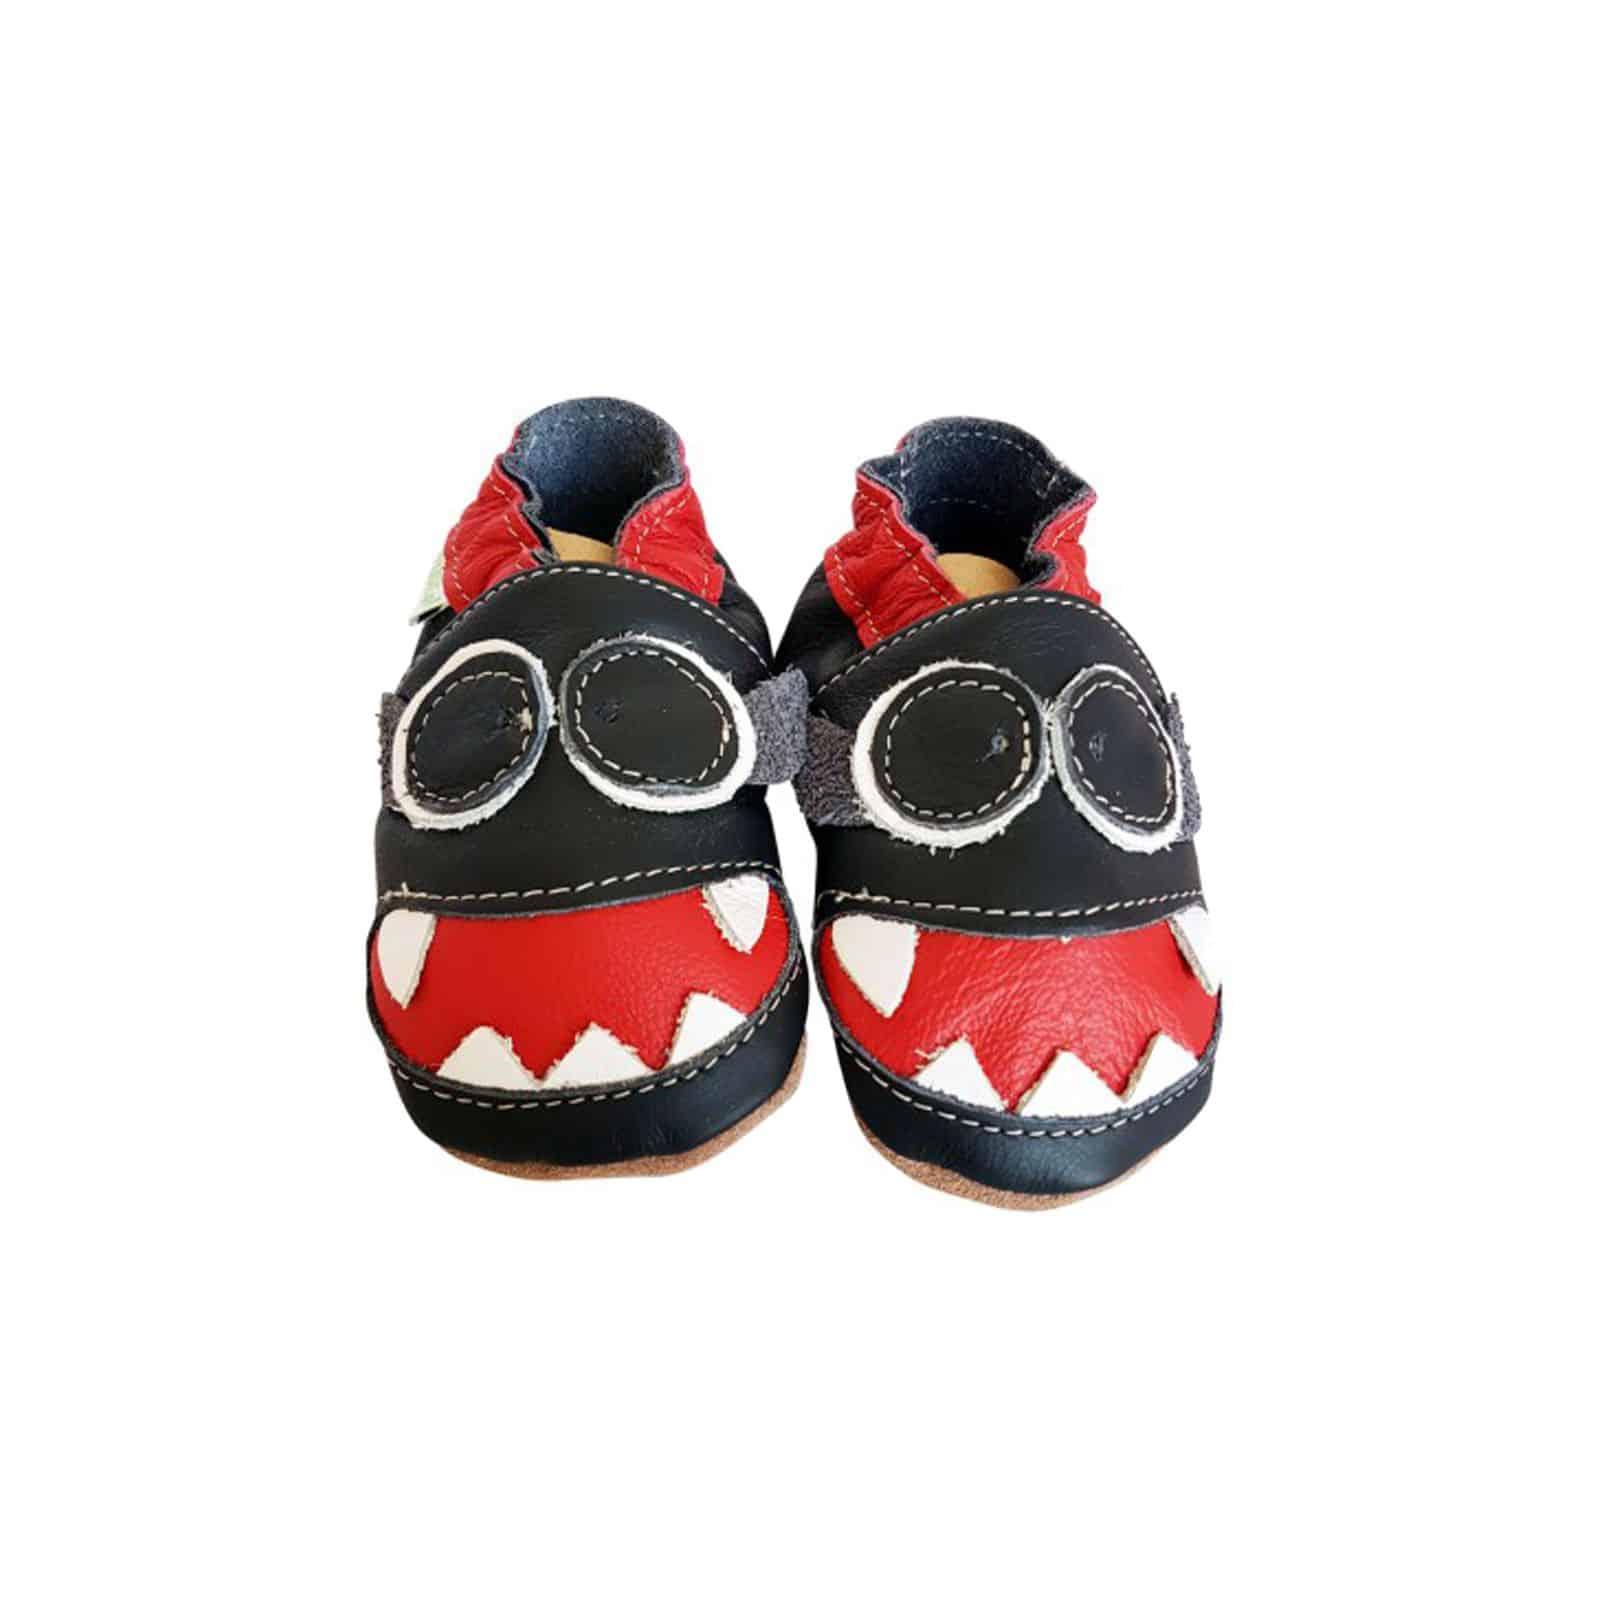 Chaussures 2018 gros remise 100% authentique Chaussons en cuir souple MONSTRE